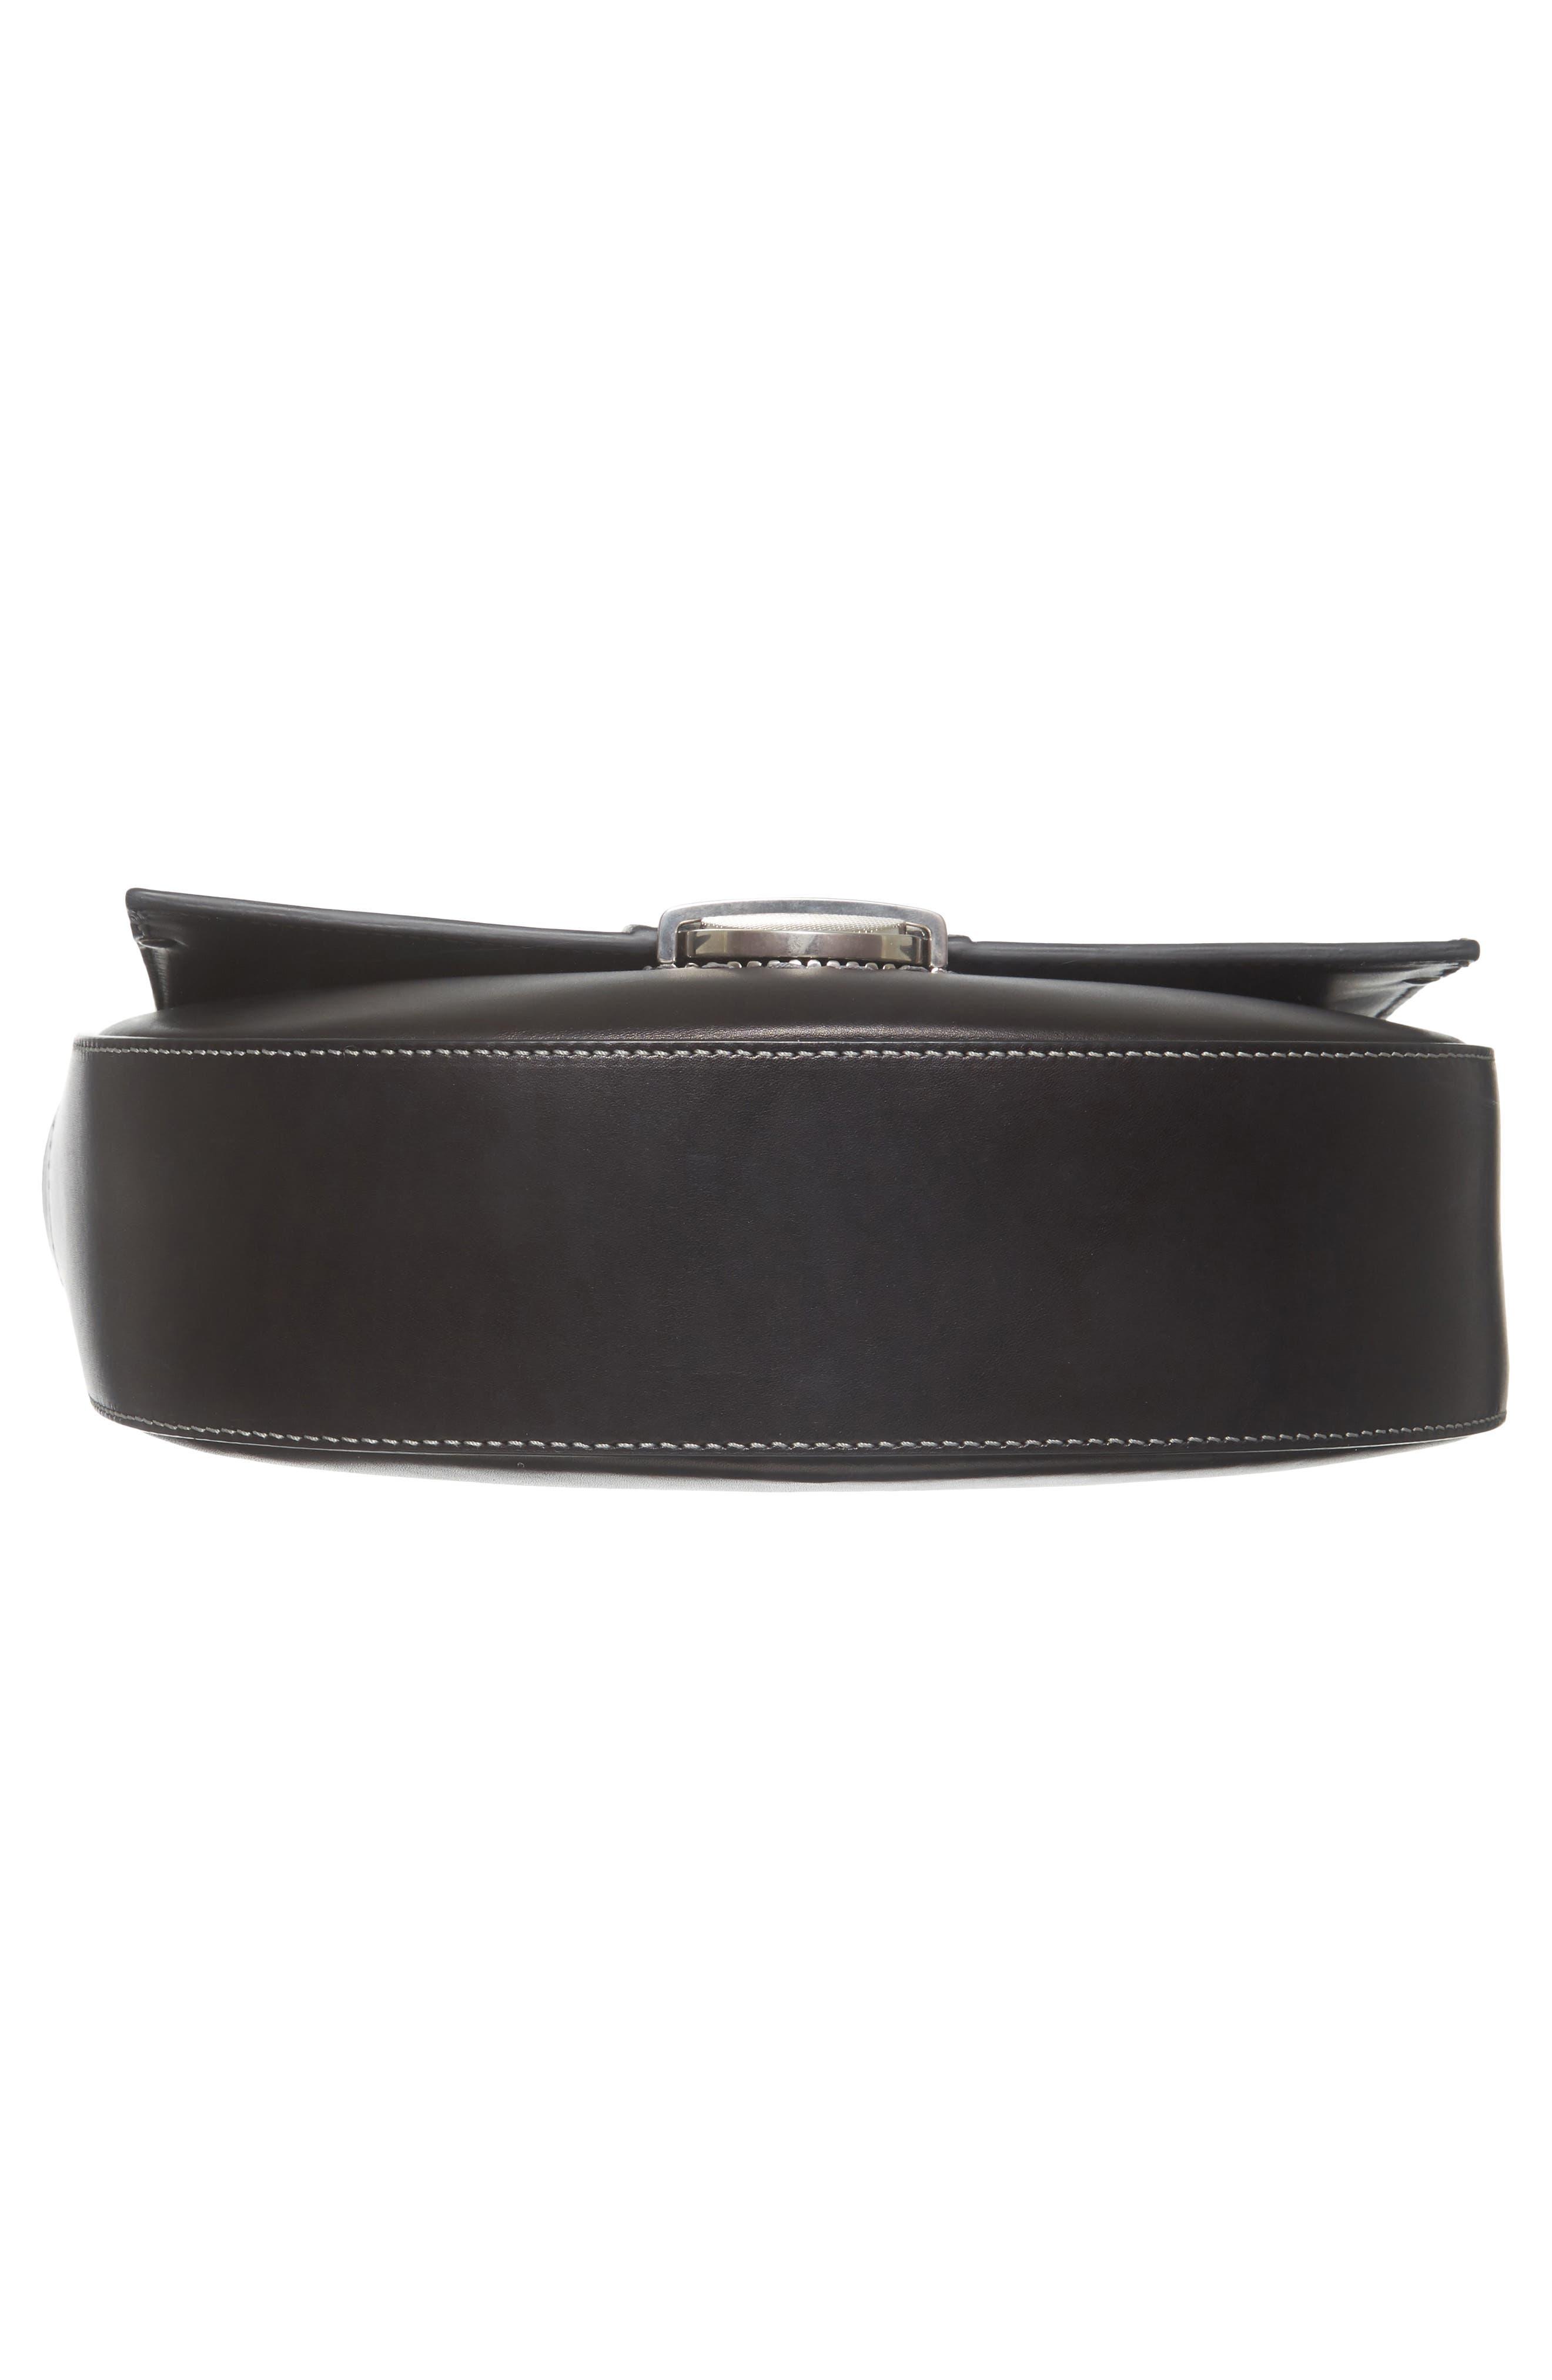 Marlow II Leather Shoulder Bag,                             Alternate thumbnail 6, color,                             001